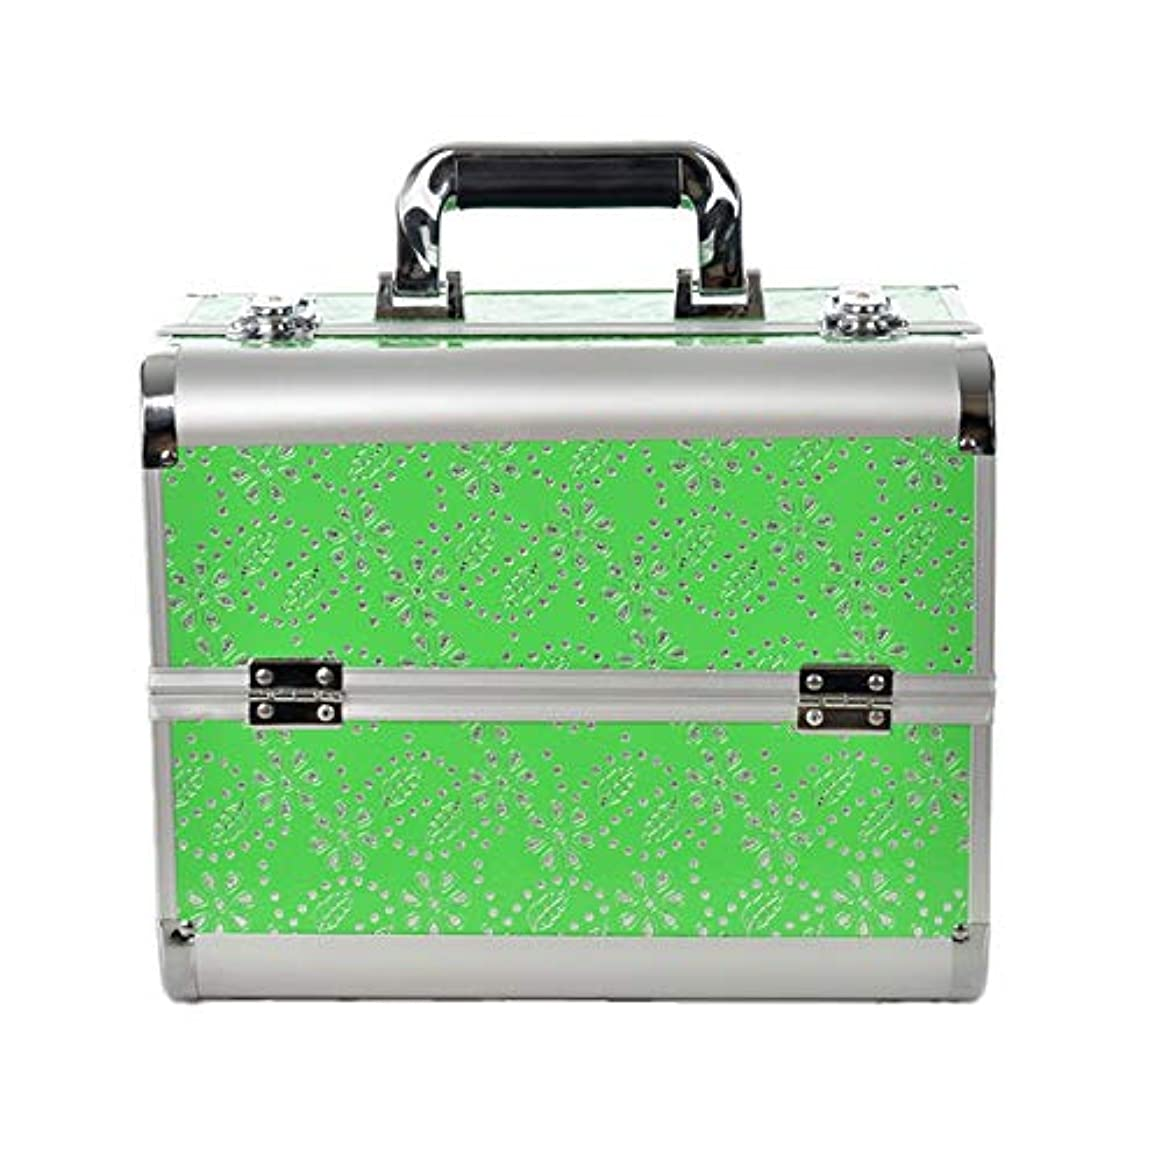 要旨ファンシー目立つ化粧オーガナイザーバッグ 大容量ポータブル化粧ケース(トラベルアクセサリー用)シャンプーボディウォッシュパーソナルアイテム収納式 化粧品ケース